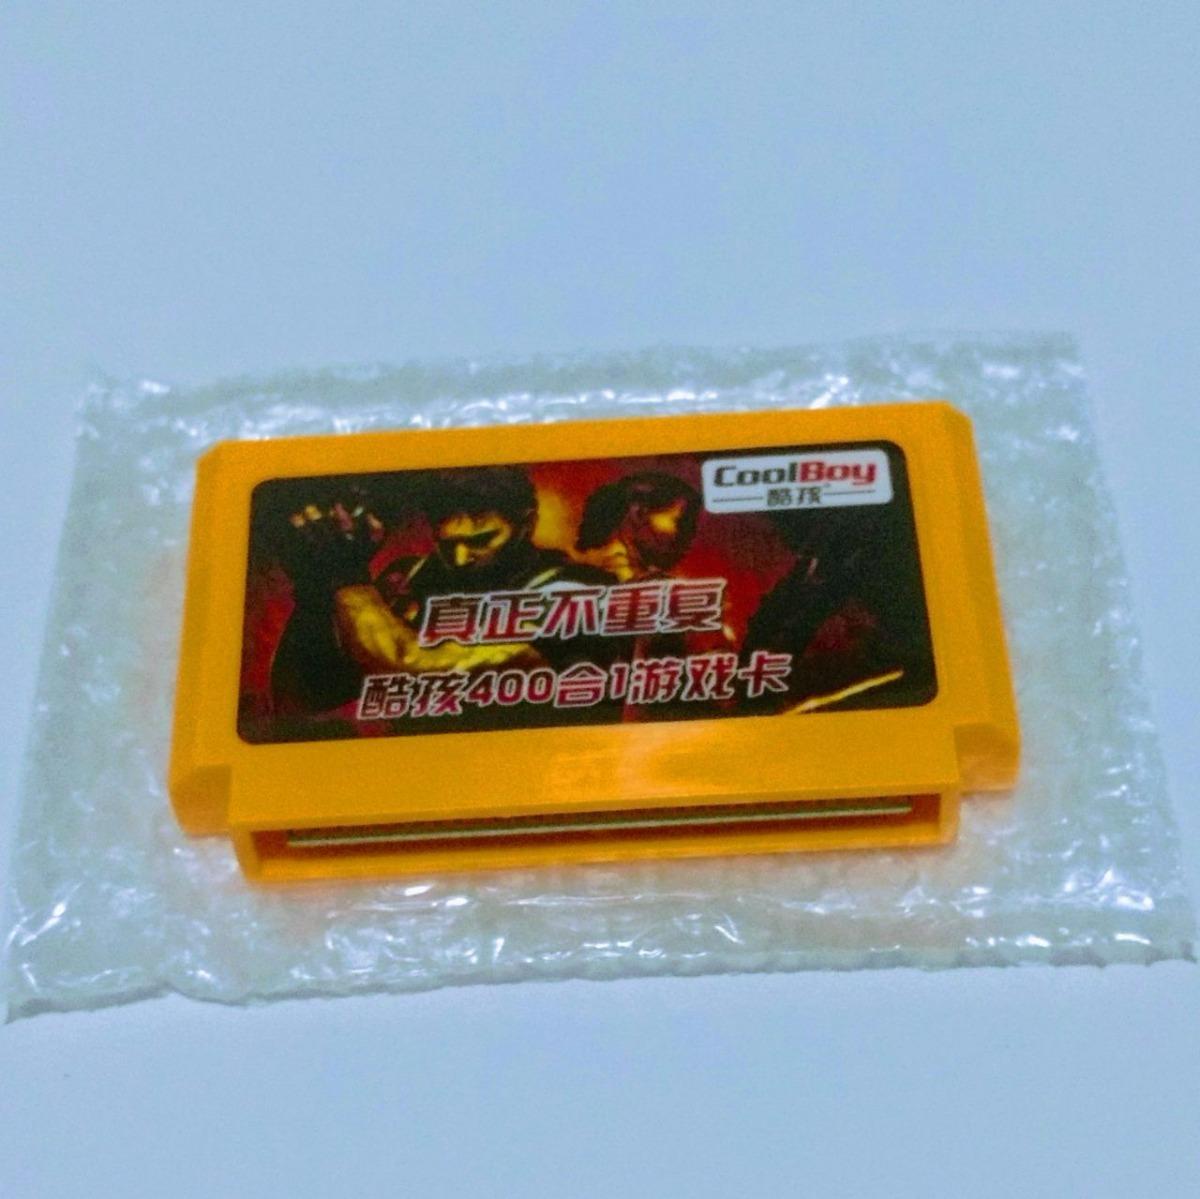 Cartucho 400 Em 1 Nintendinho Nes Famicom - Nenhum Repetido